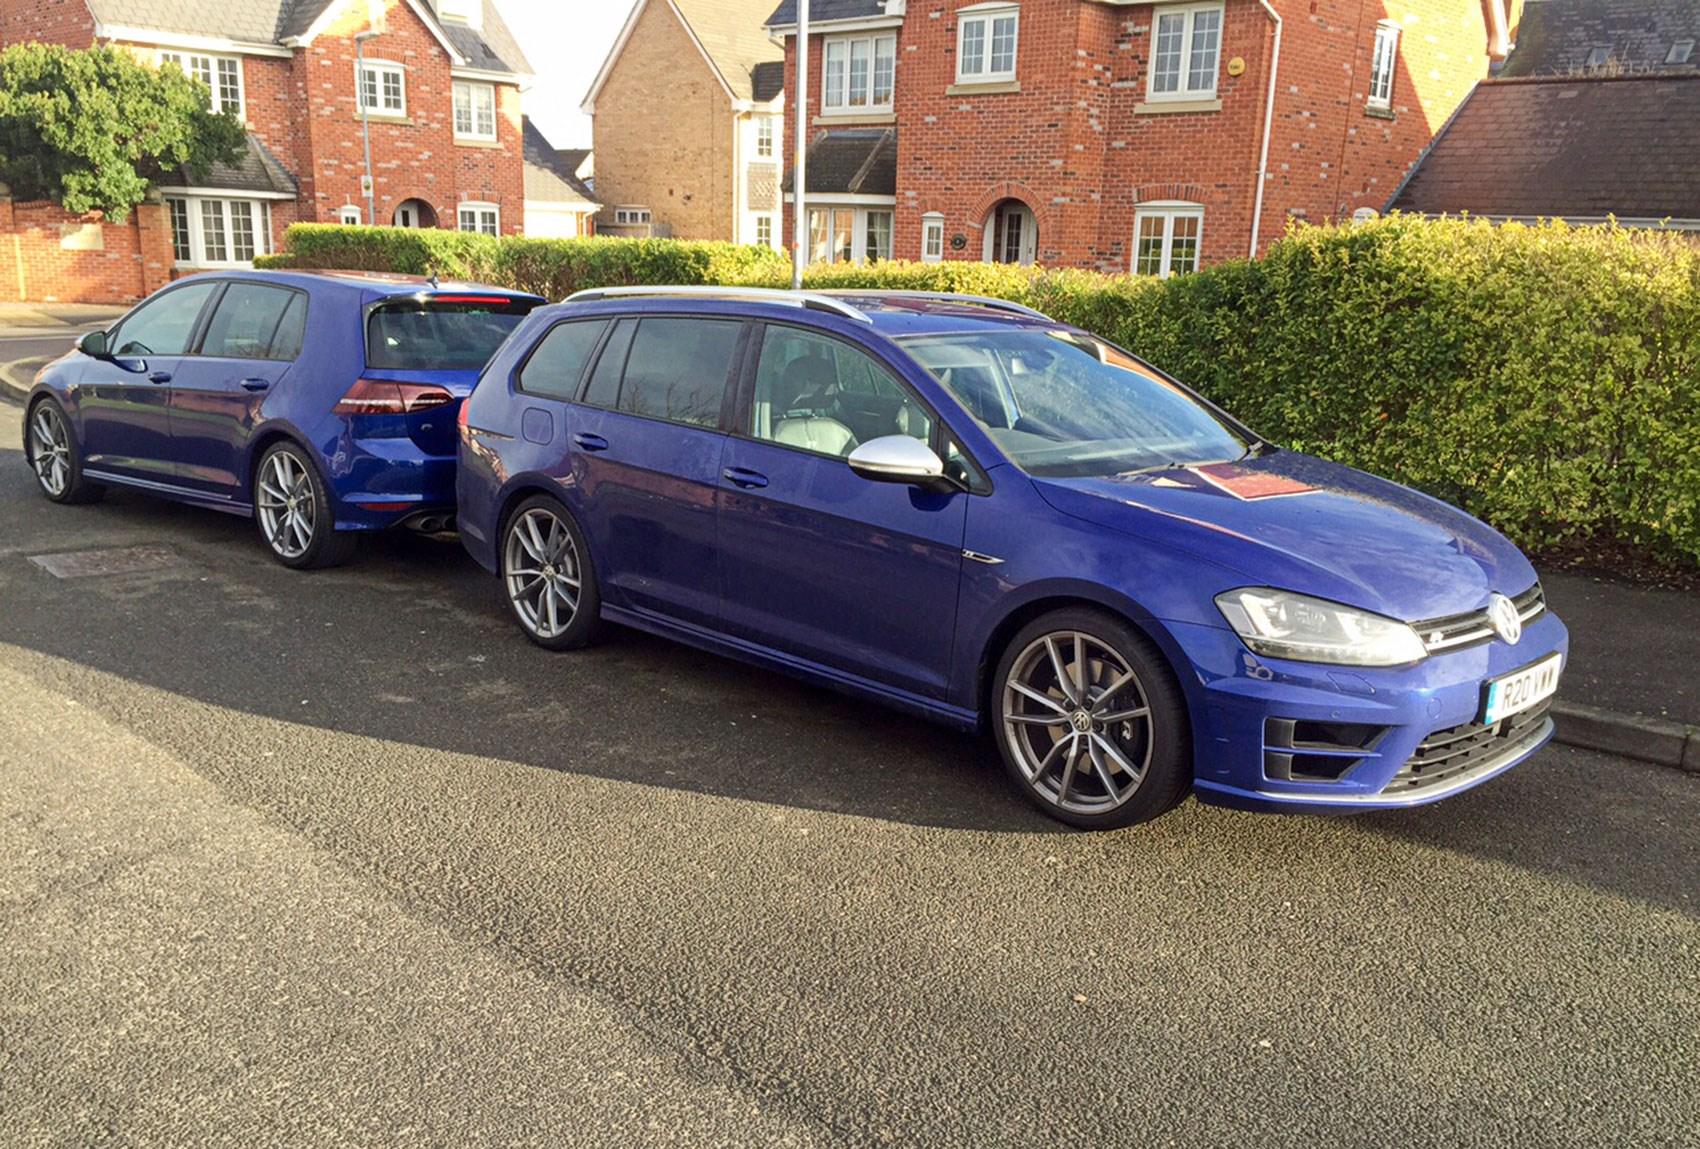 Vw golf r mk6 cars one love - Vw Golf R As Estate Or Hatchback Ben Barry Decides